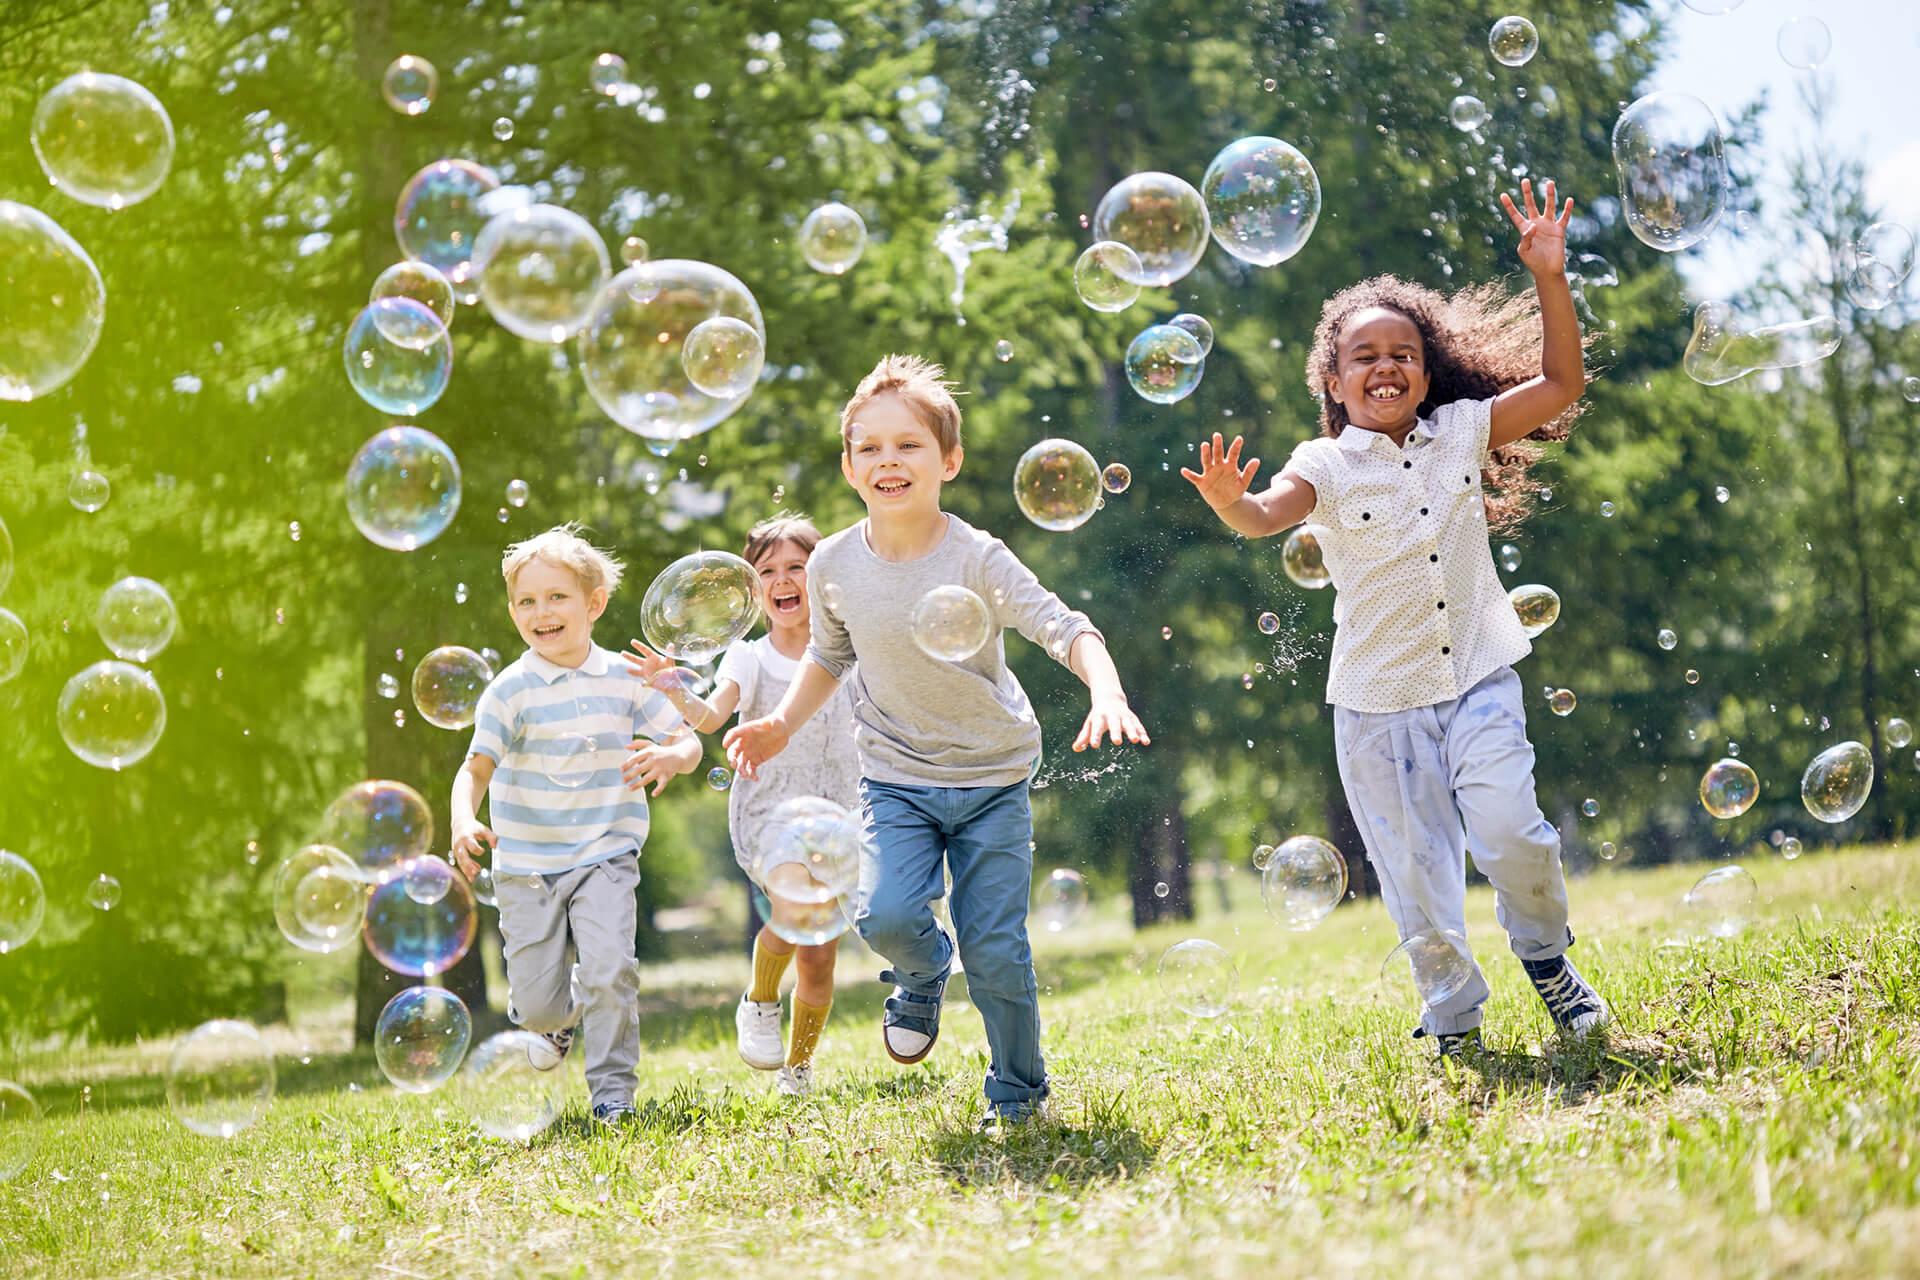 5 giochi da fare all'aperto alla festa di compleanno di bambini